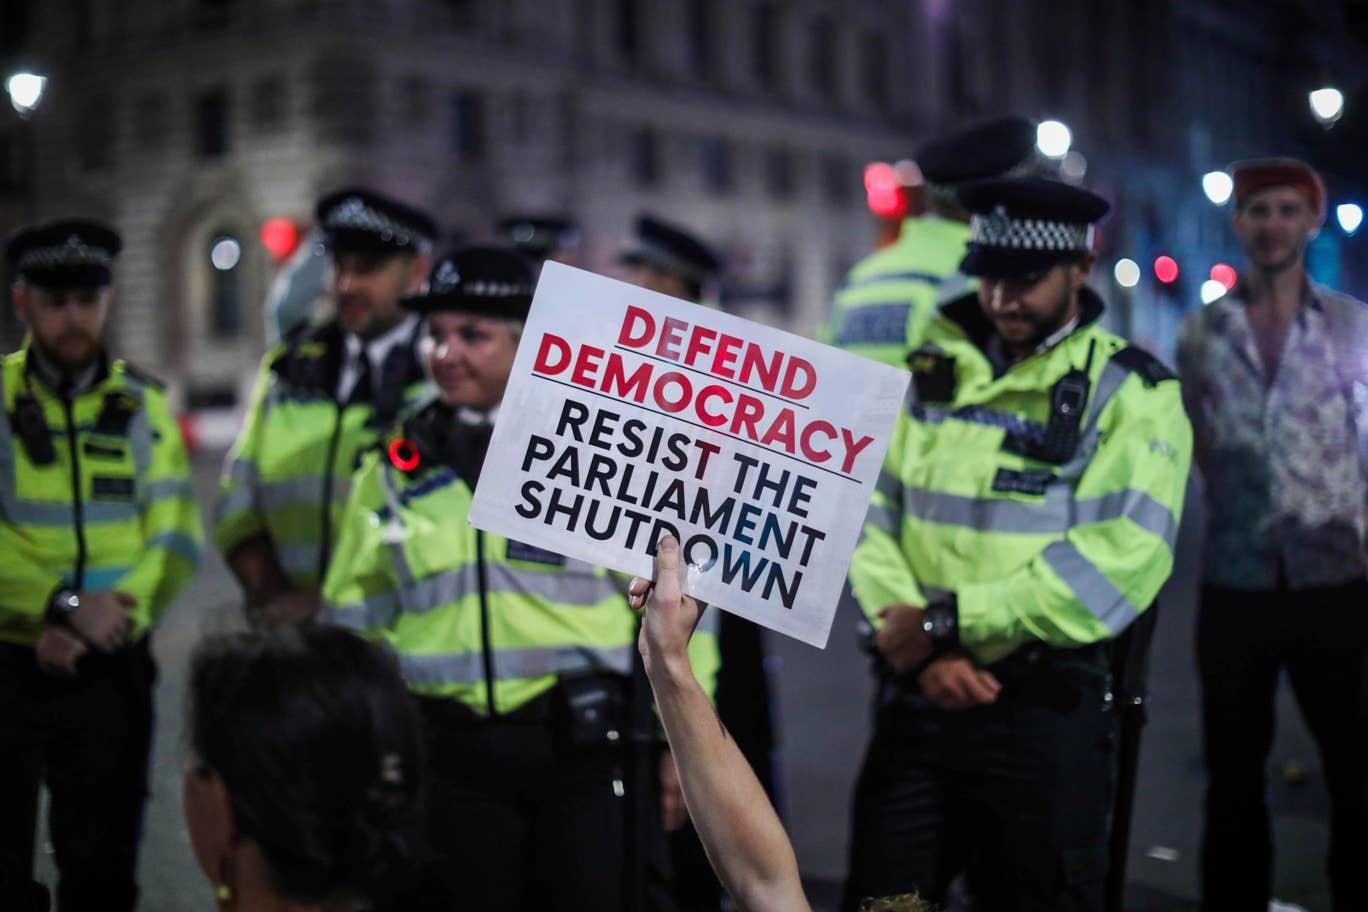 برطانیہ کے وزیر اعظم بورس جانس پہلے بھی بریگزٹ کے حوالے سے اپنے اقدامات پر عوامی احتجاج کا سامنا کر رہے ہیں۔ (اے پی)